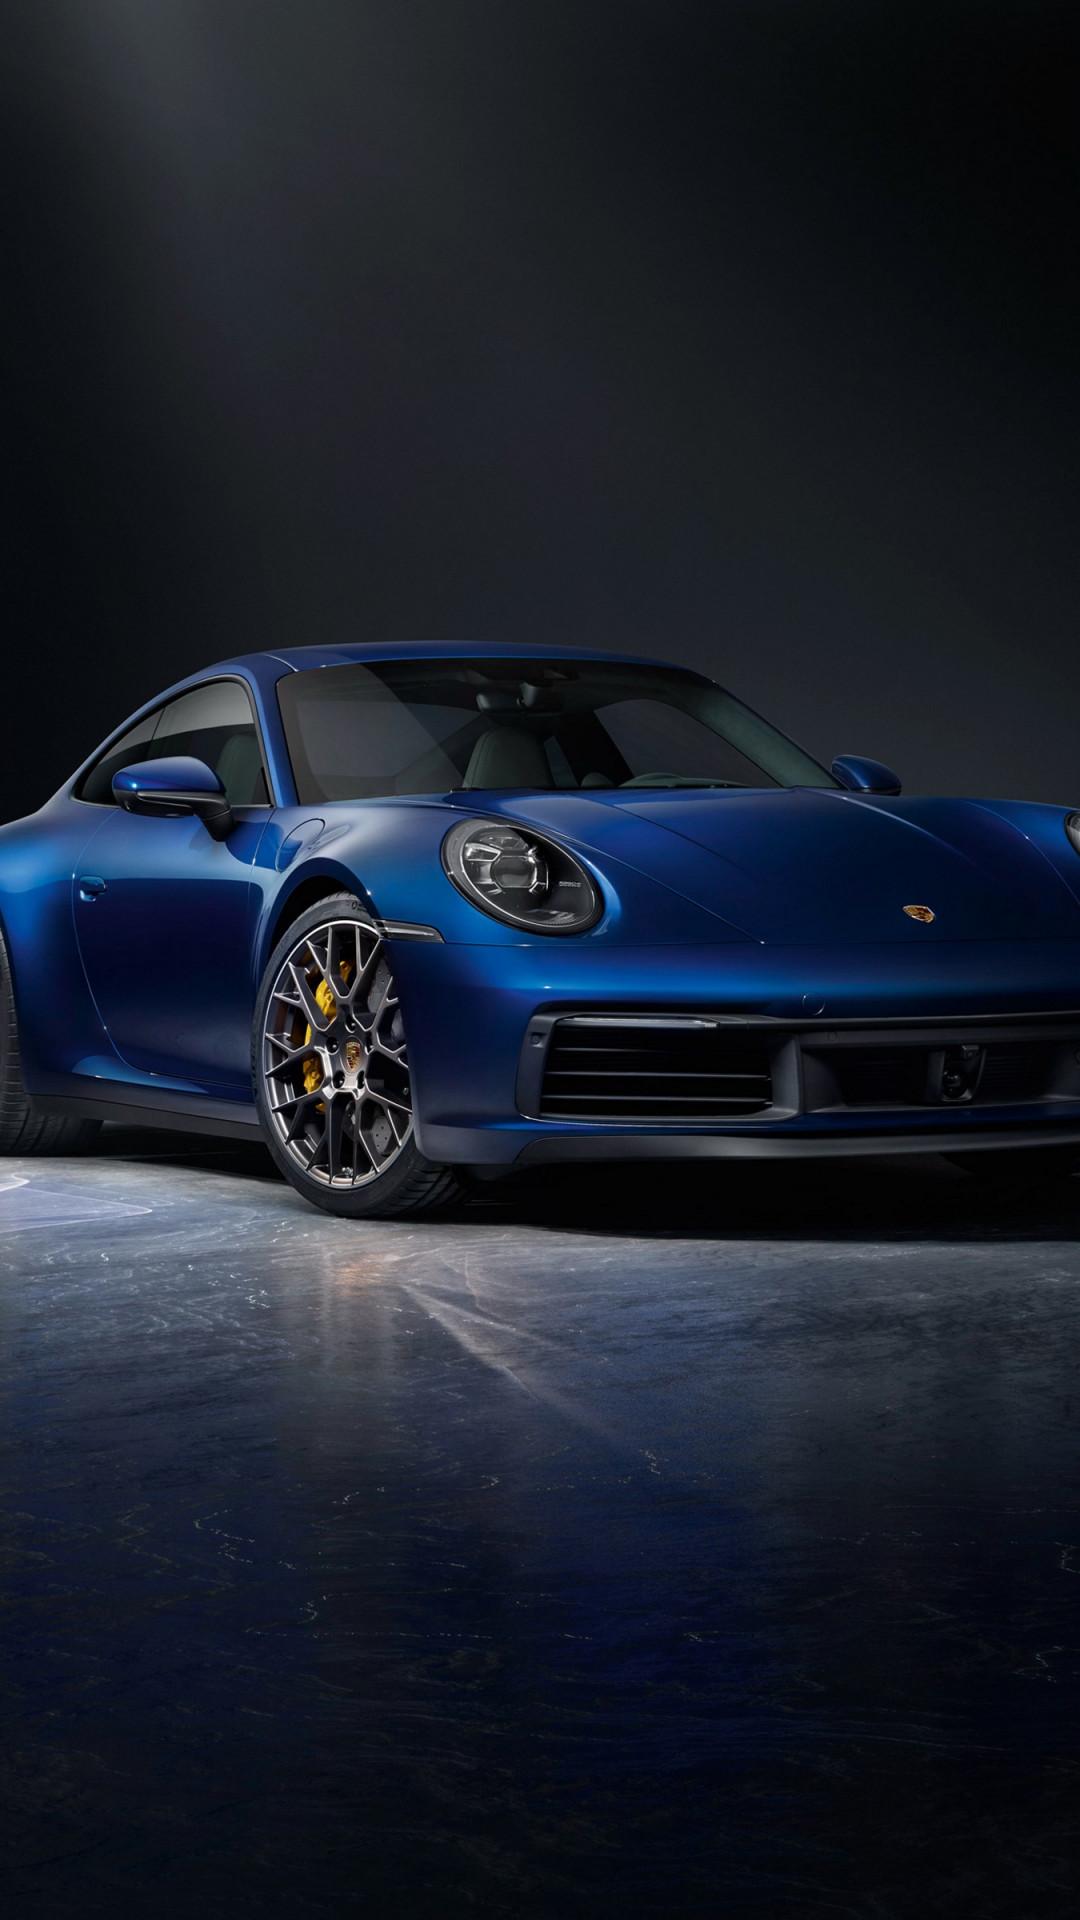 Download wallpaper Porsche 911 Carrera 2020 4S 1080x1920 1080x1920